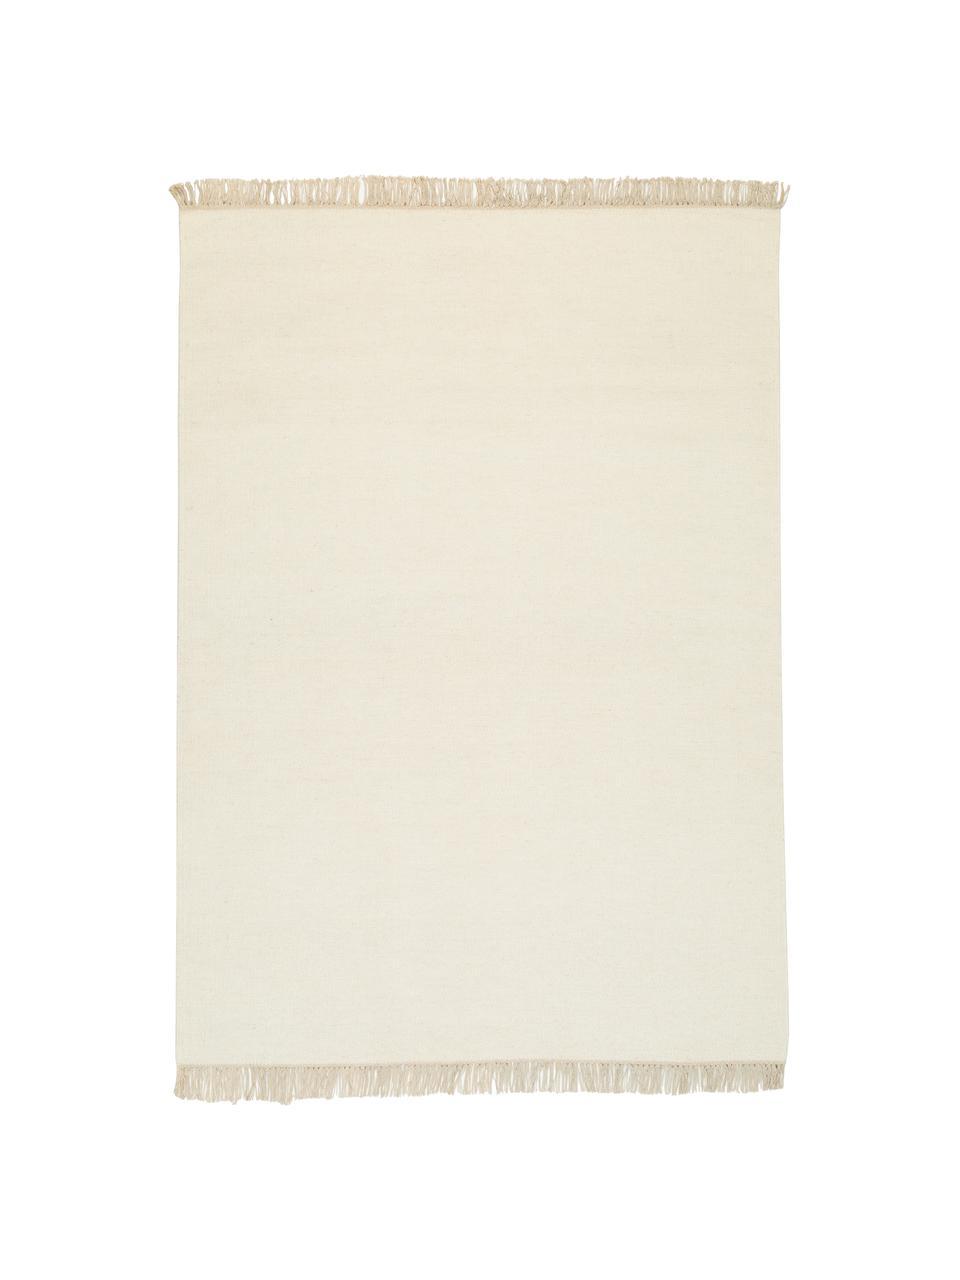 Tapis pure laine blanc cassé tissé main Rainbow, Tapis: blanc cassé Franges: beige